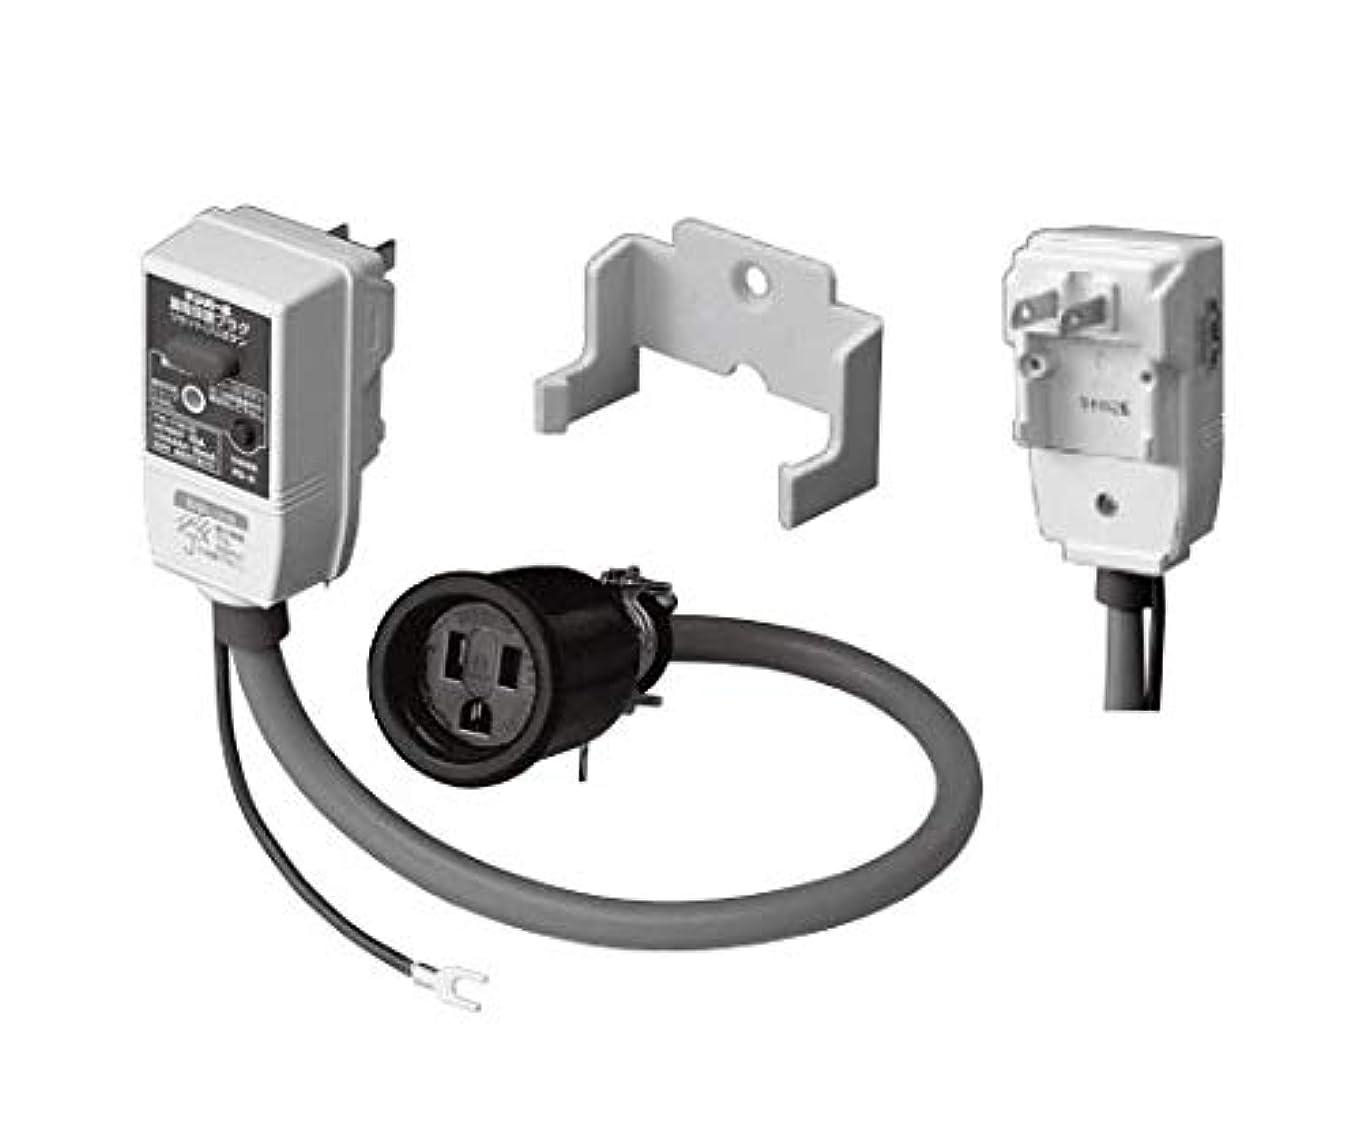 奪うつぼみアンペアテンパール工業 プラグ形漏電遮断器 防水コネクタヘッダー付 PD-R 10A 15MA